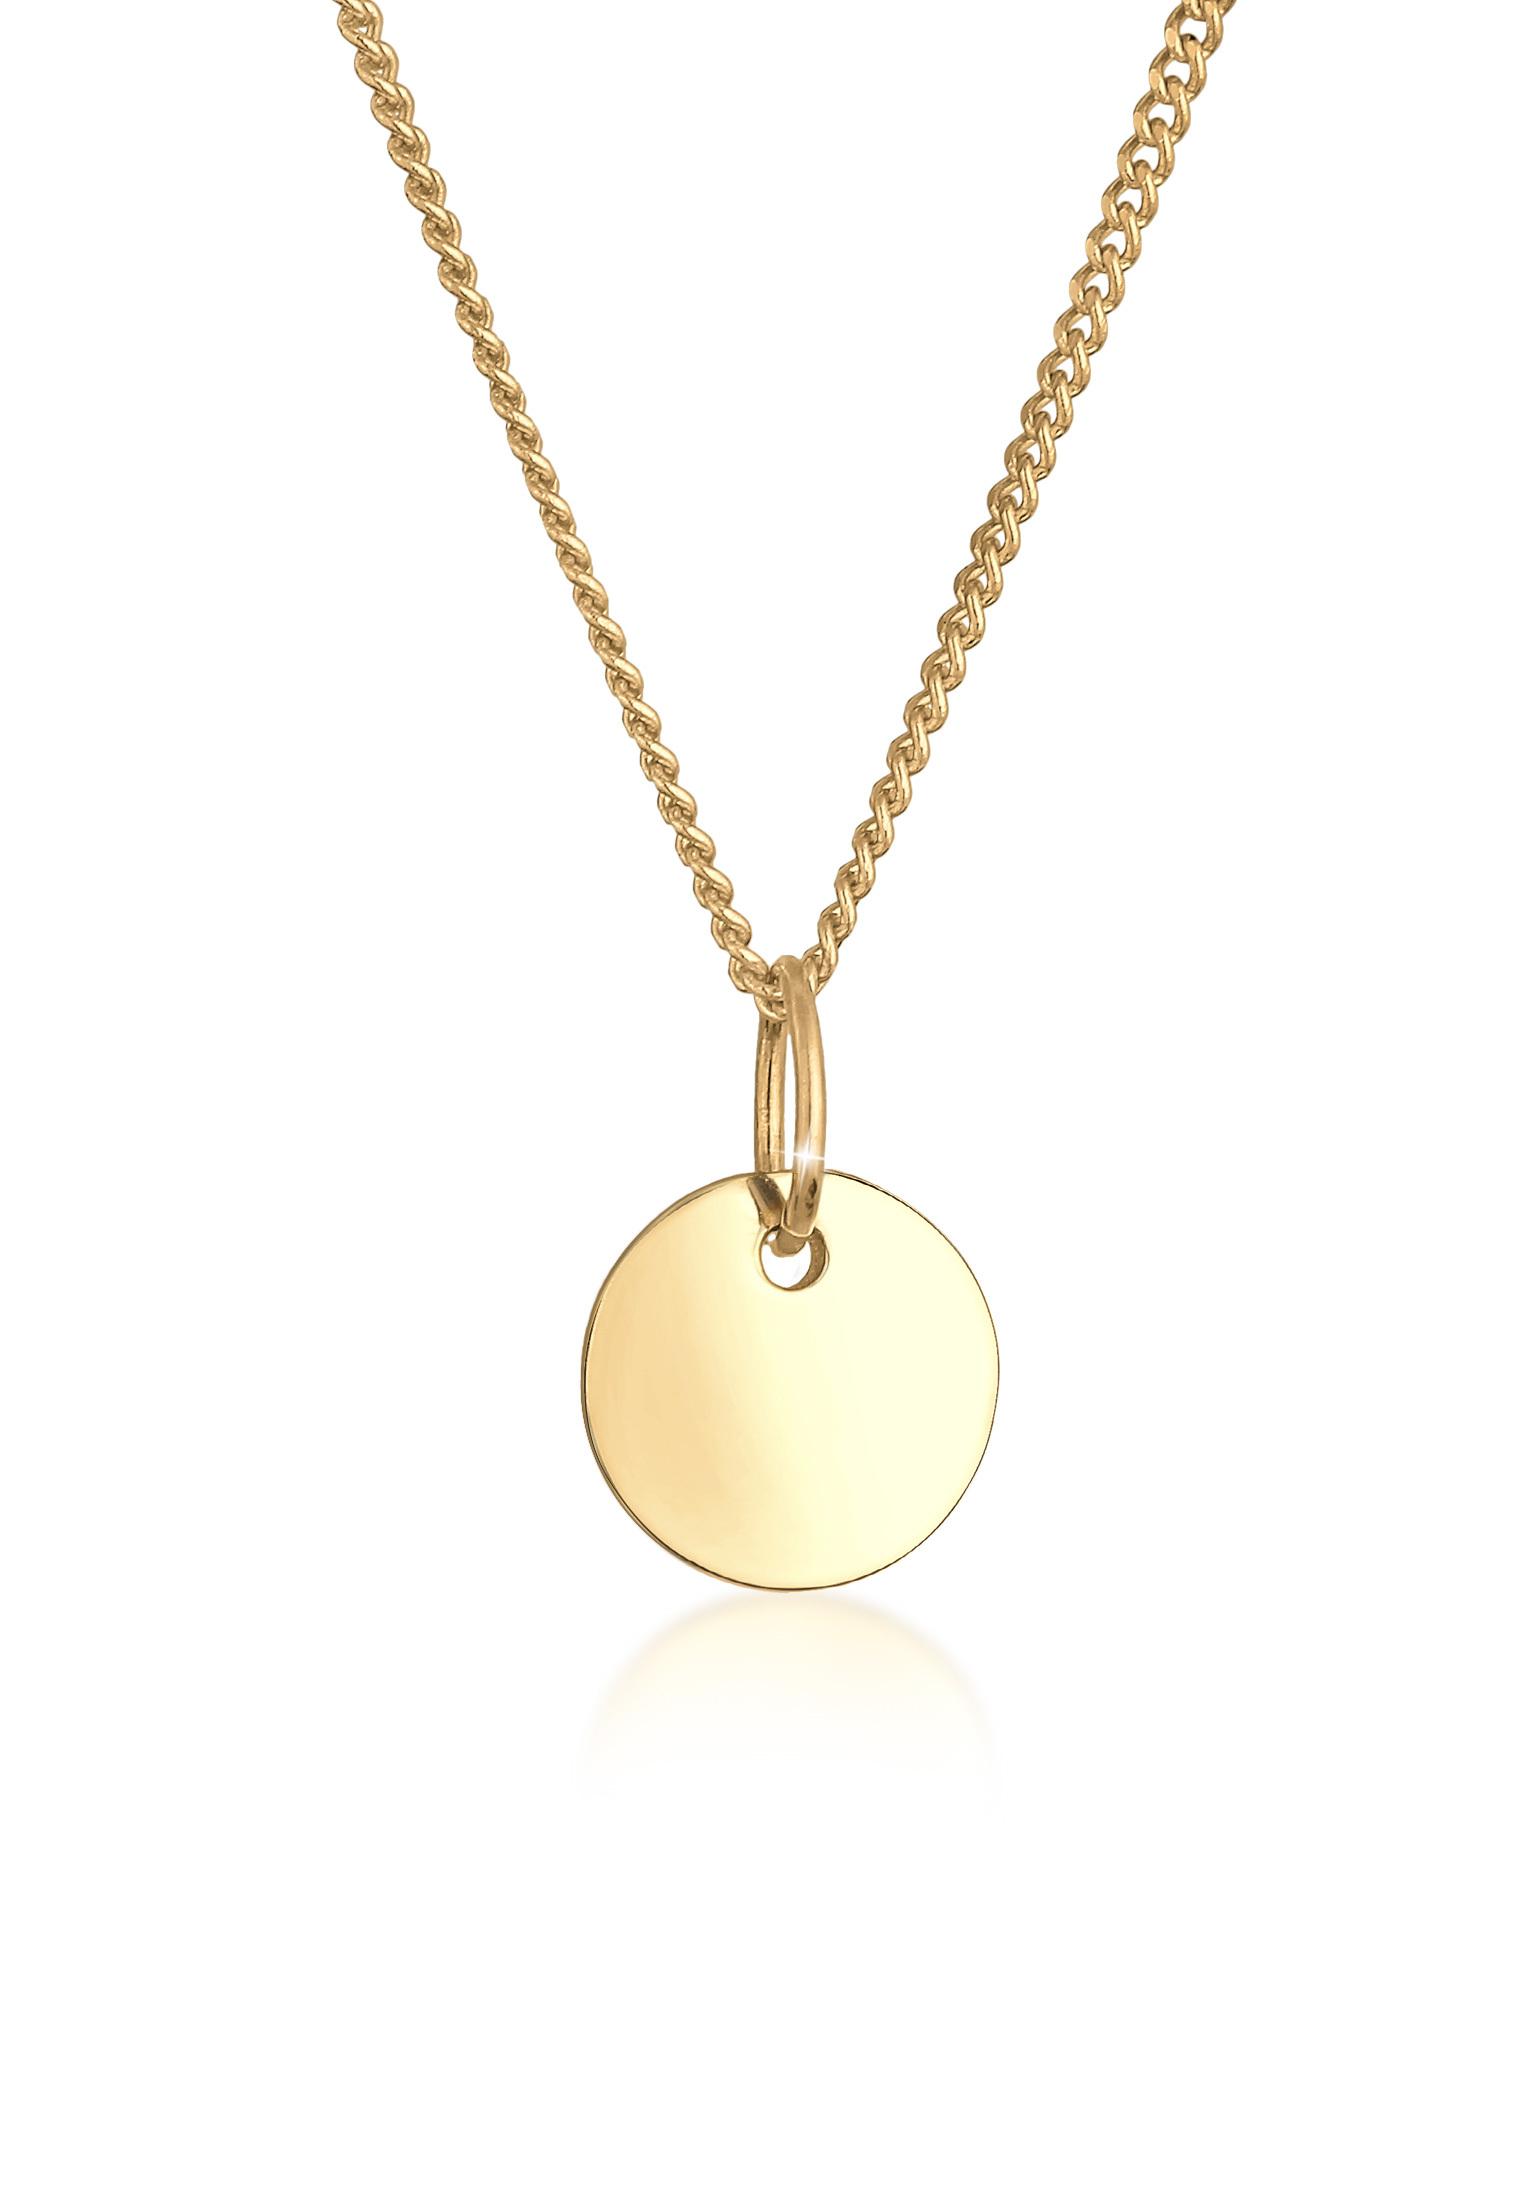 Halskette Plättchen | 585 Gelbgold